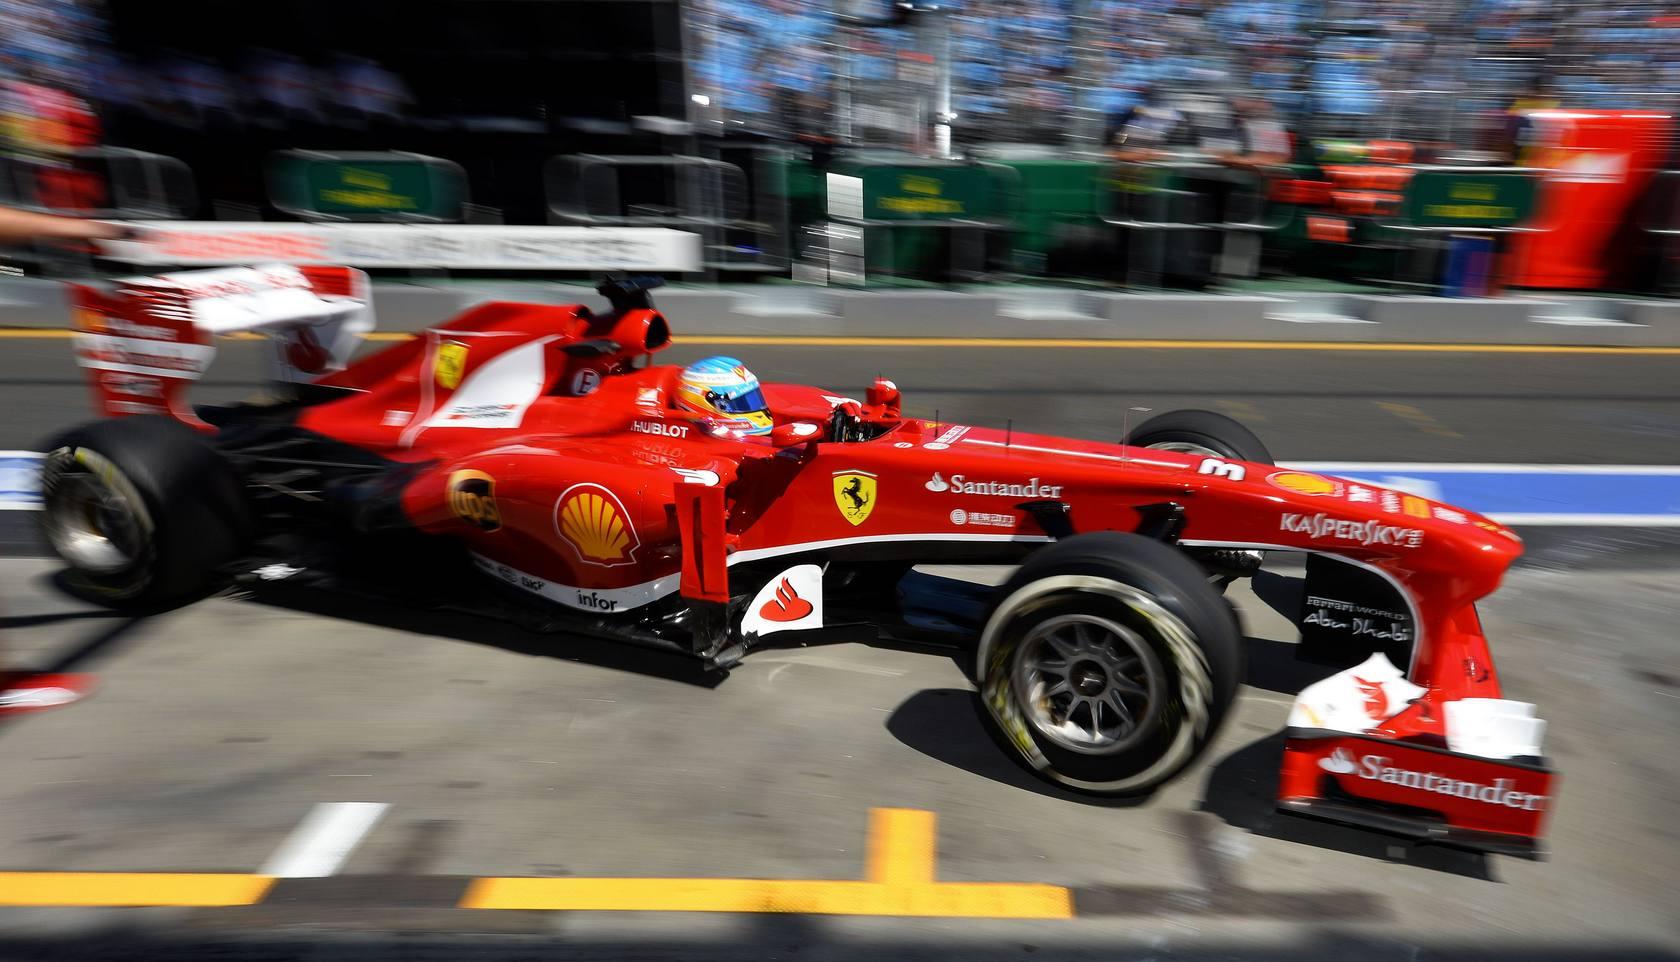 Gran Premio de Australia de Fórmula Uno 2013